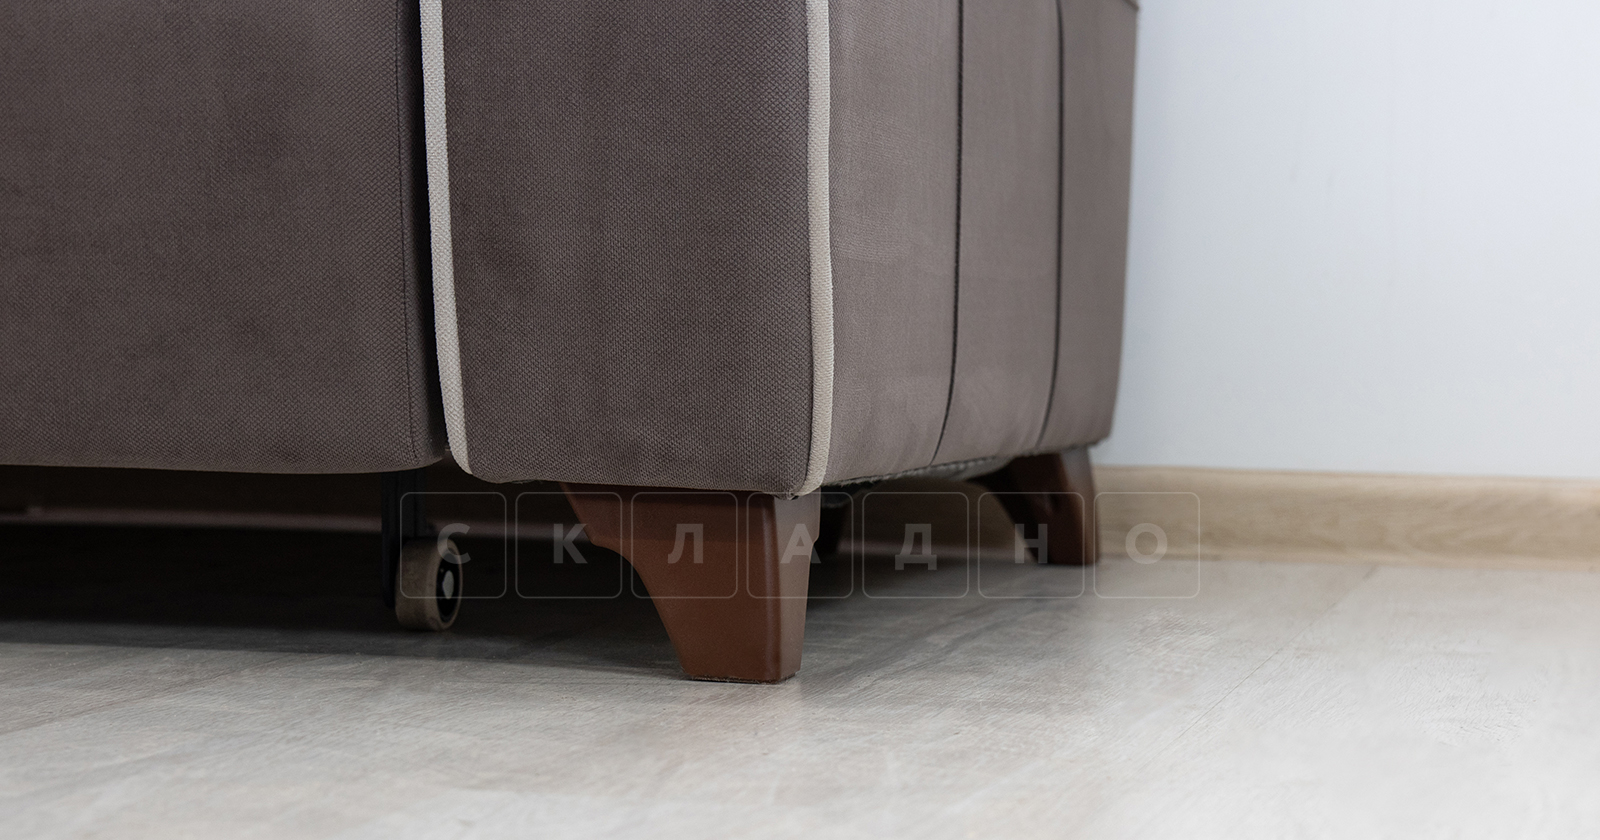 Диван-кровать угловой Флэтфорд шоколад фото 15 | интернет-магазин Складно